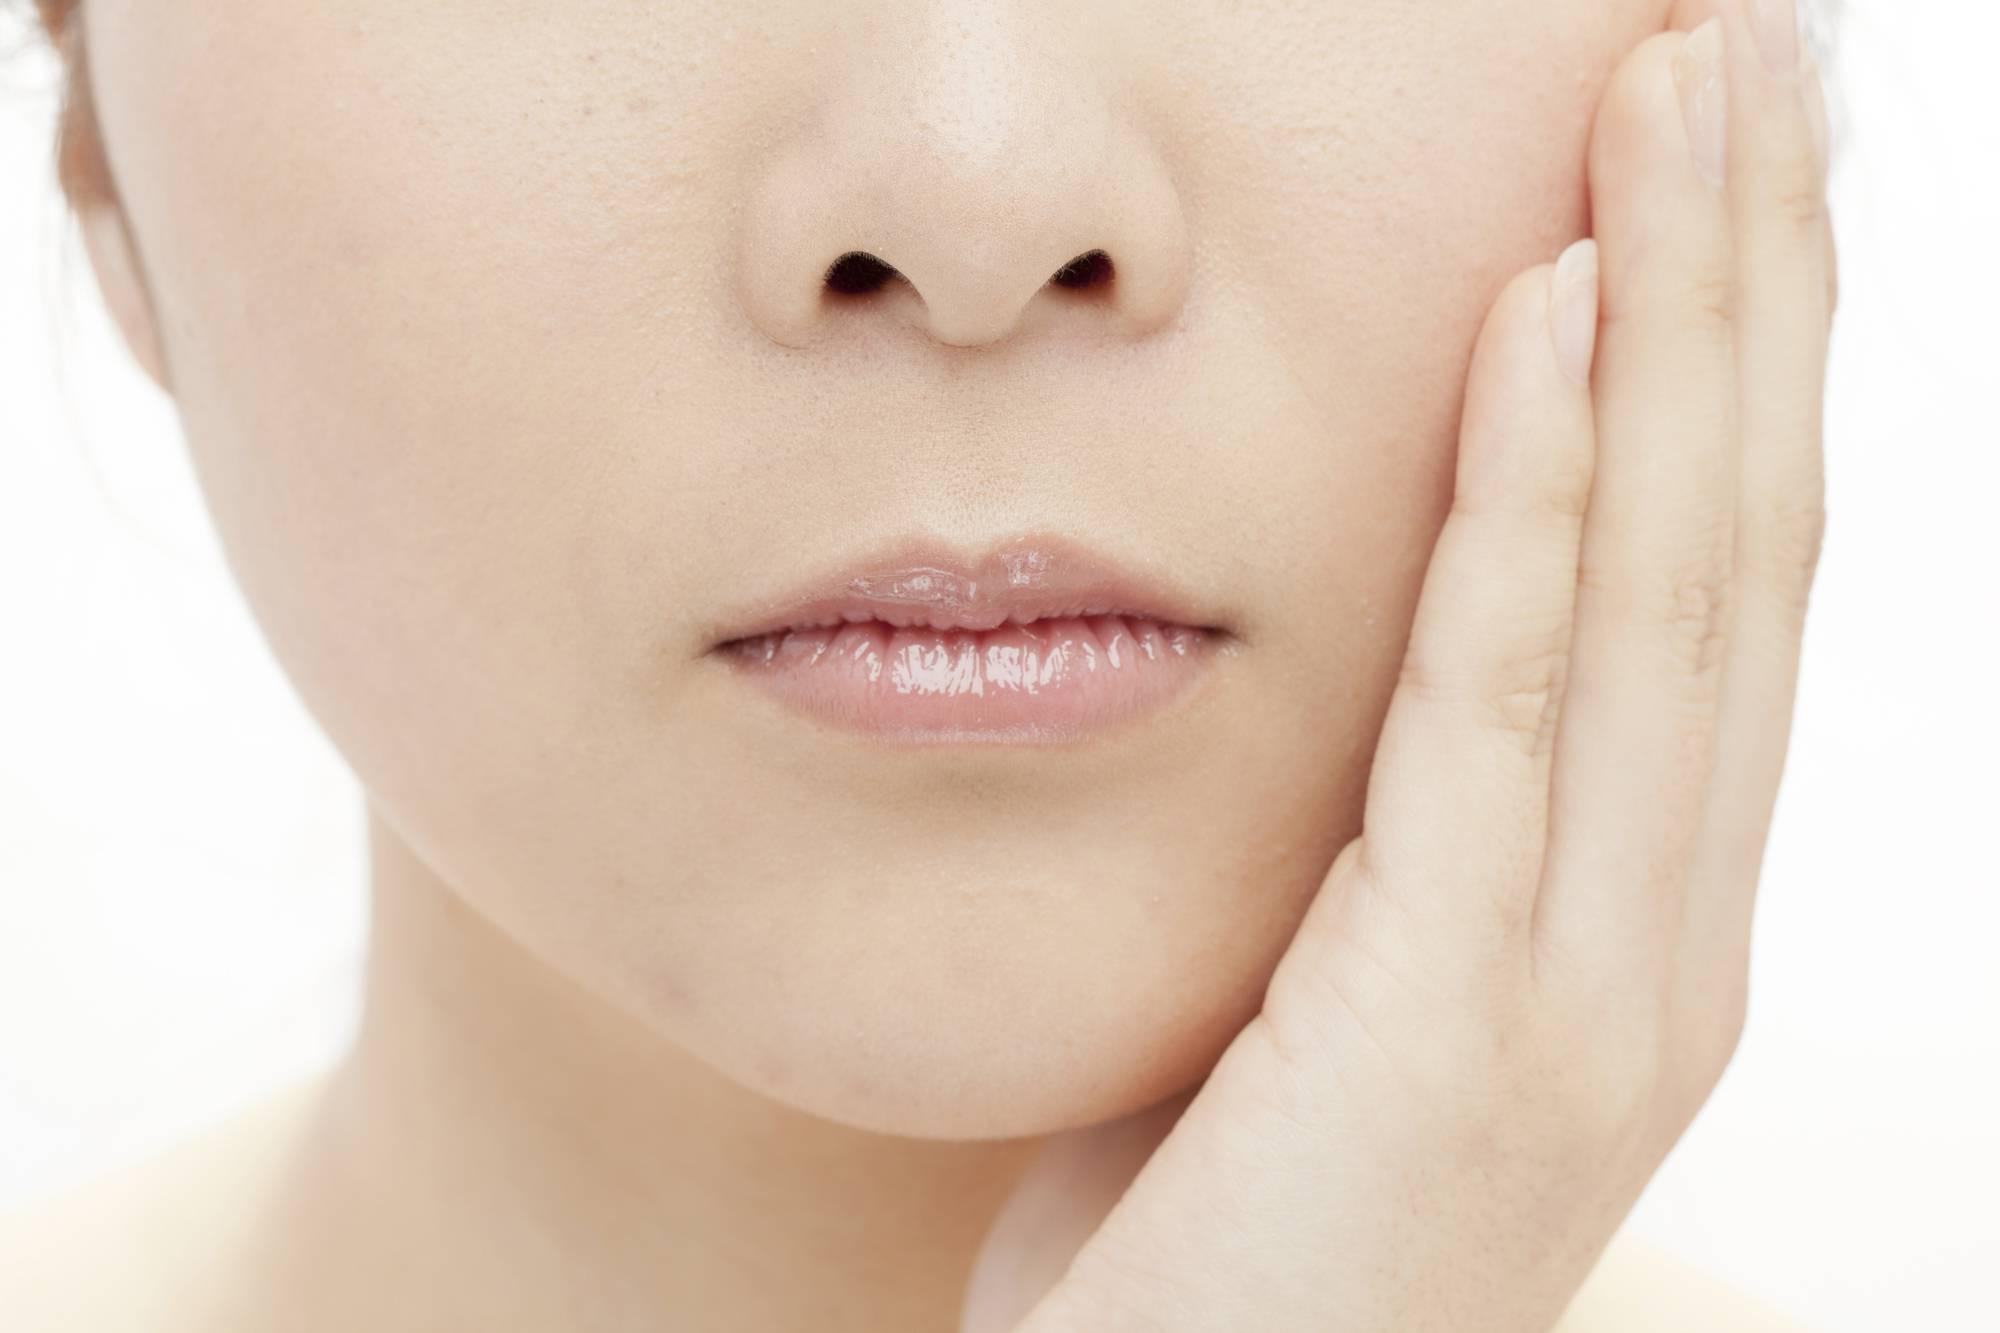 蕁麻疹・副鼻腔炎・脳腫瘍と虫歯の関係